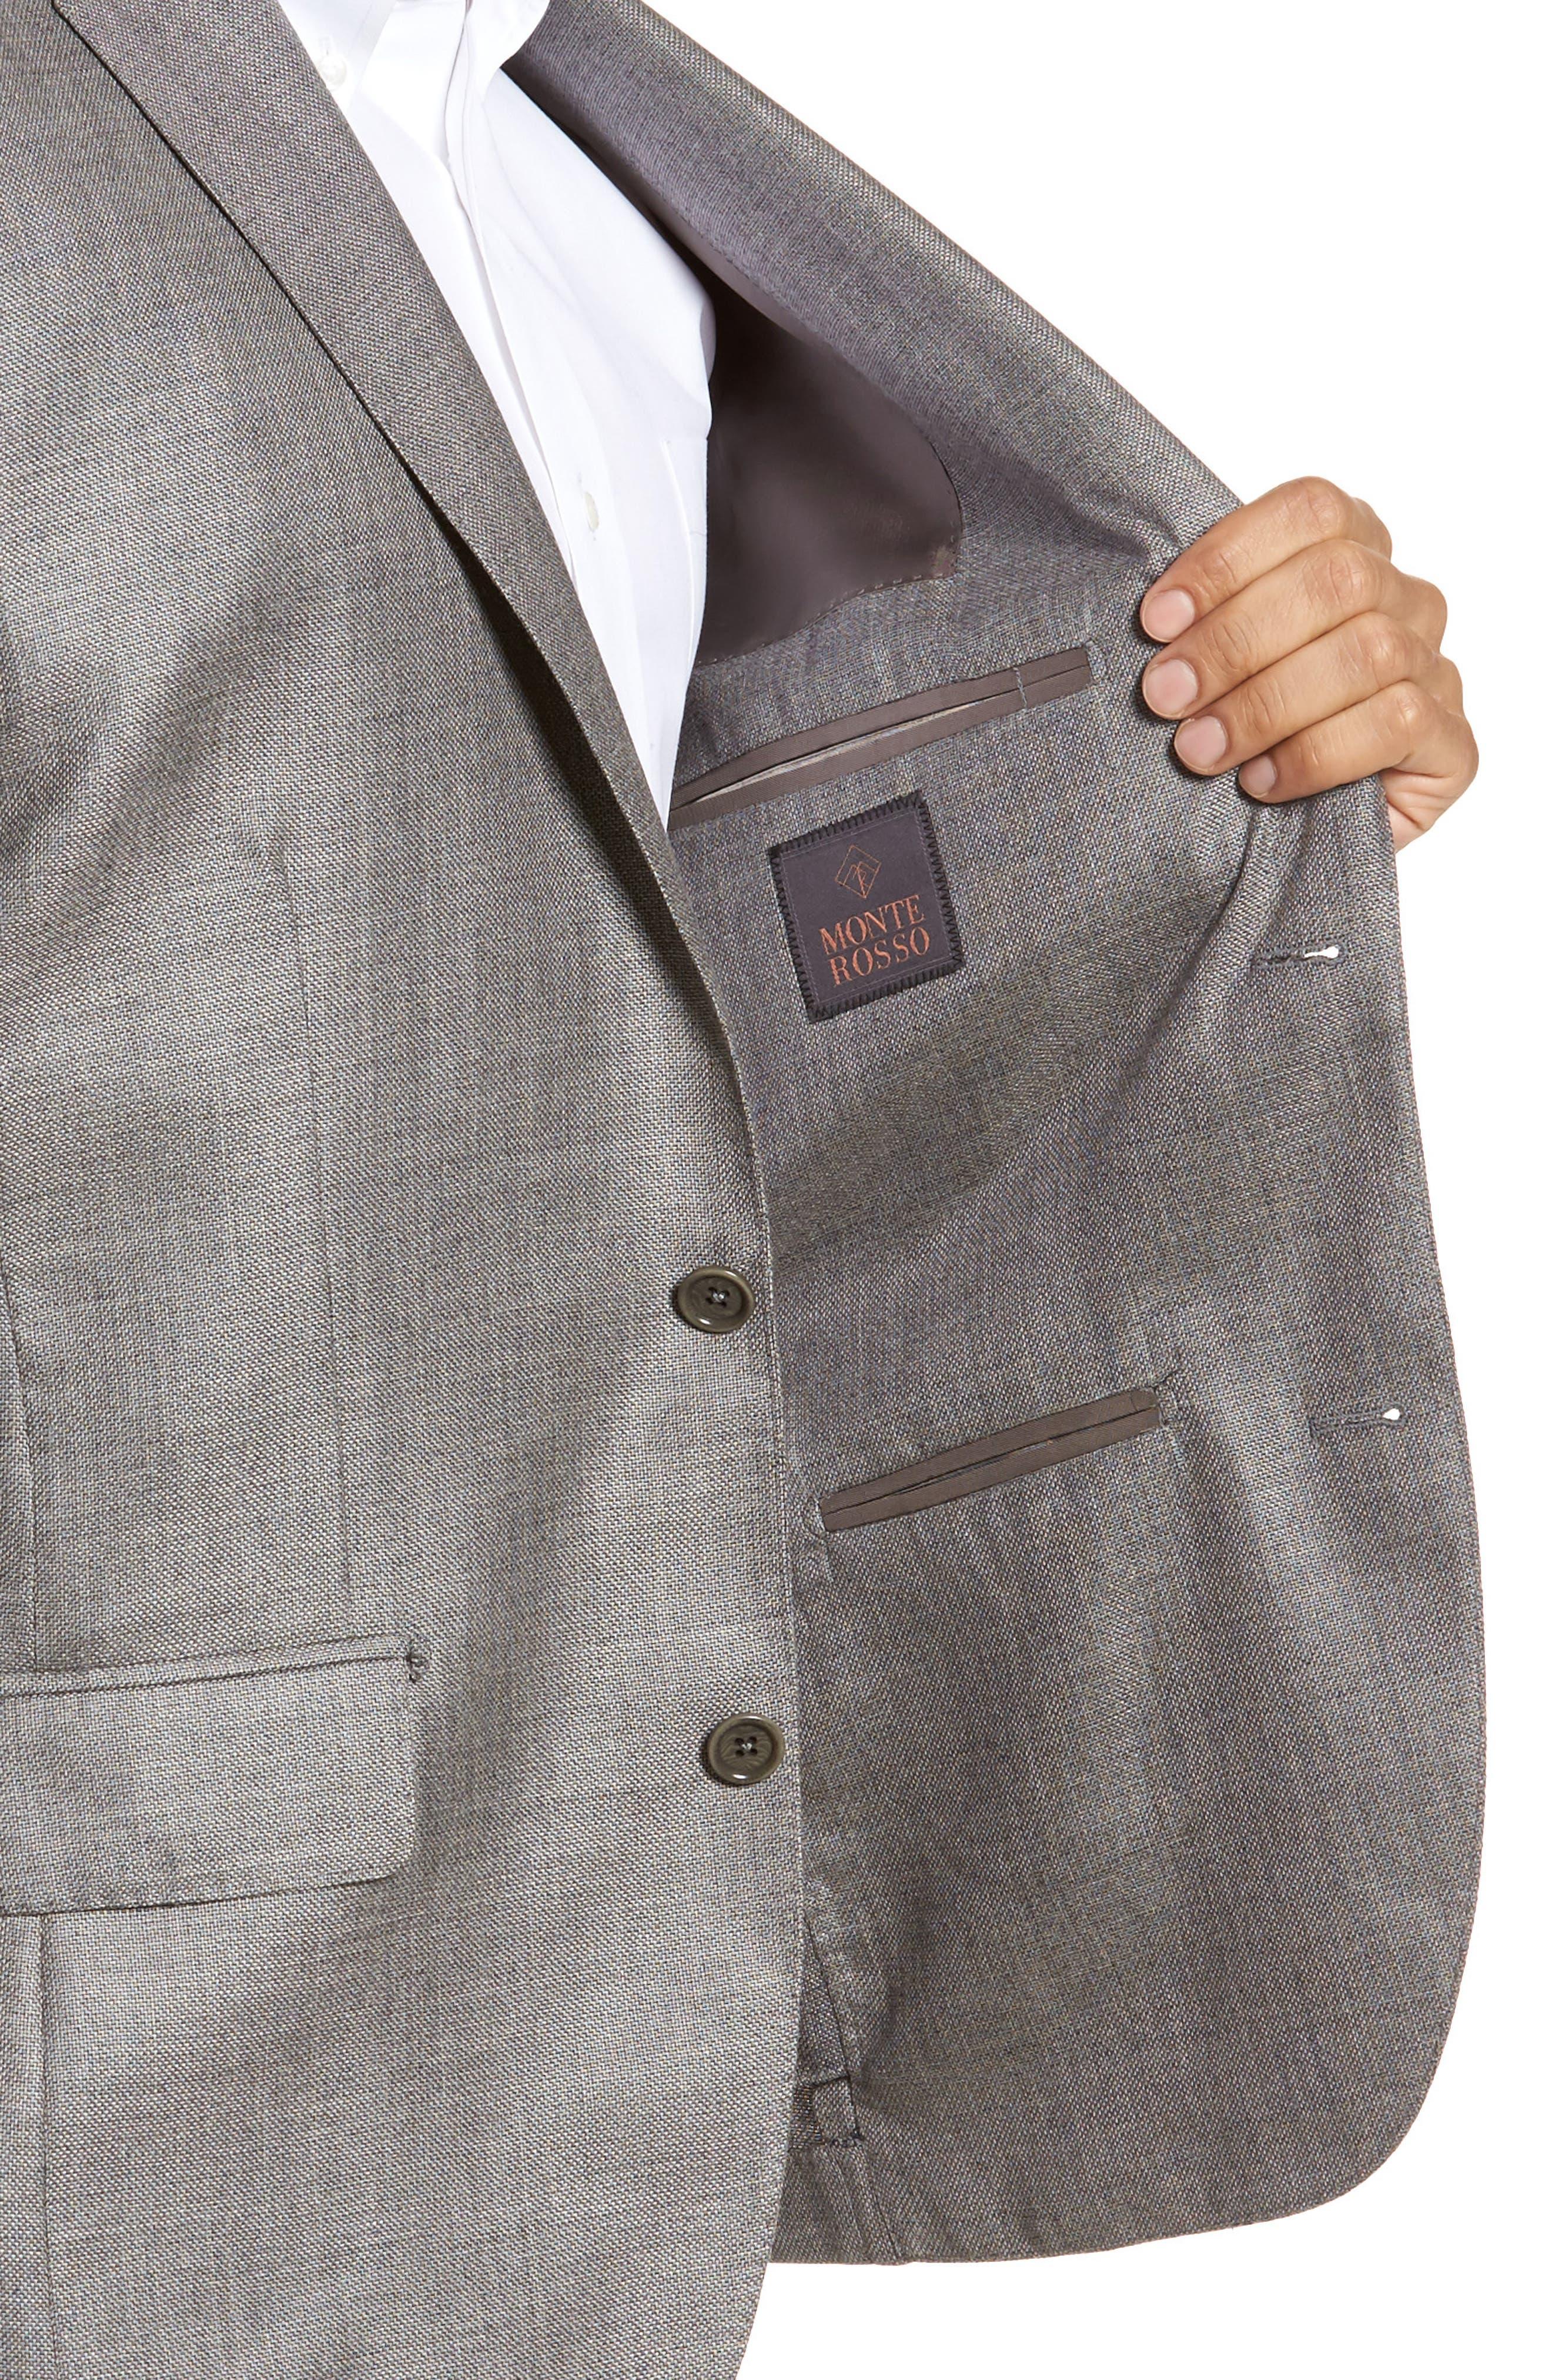 Trim Fit Cashmere & Silk Blazer,                             Alternate thumbnail 4, color,                             030